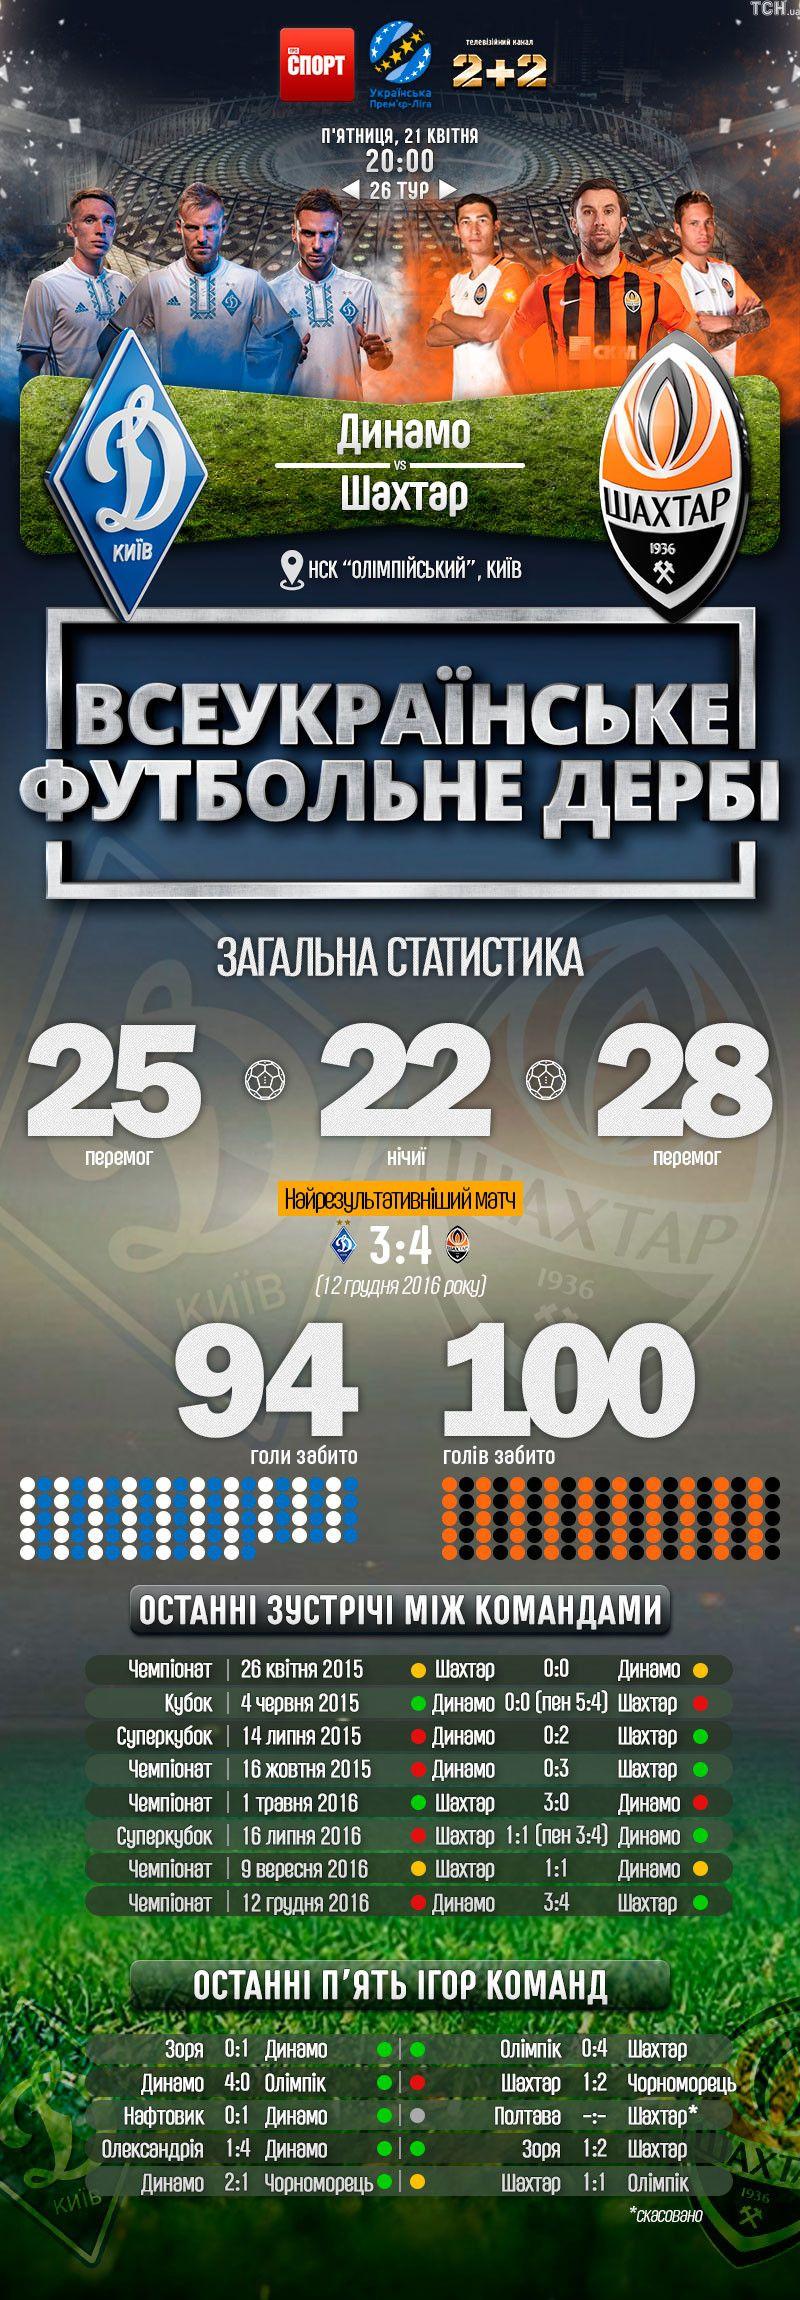 Динамо - Шахтар інфографіка дербі 19.04.2017